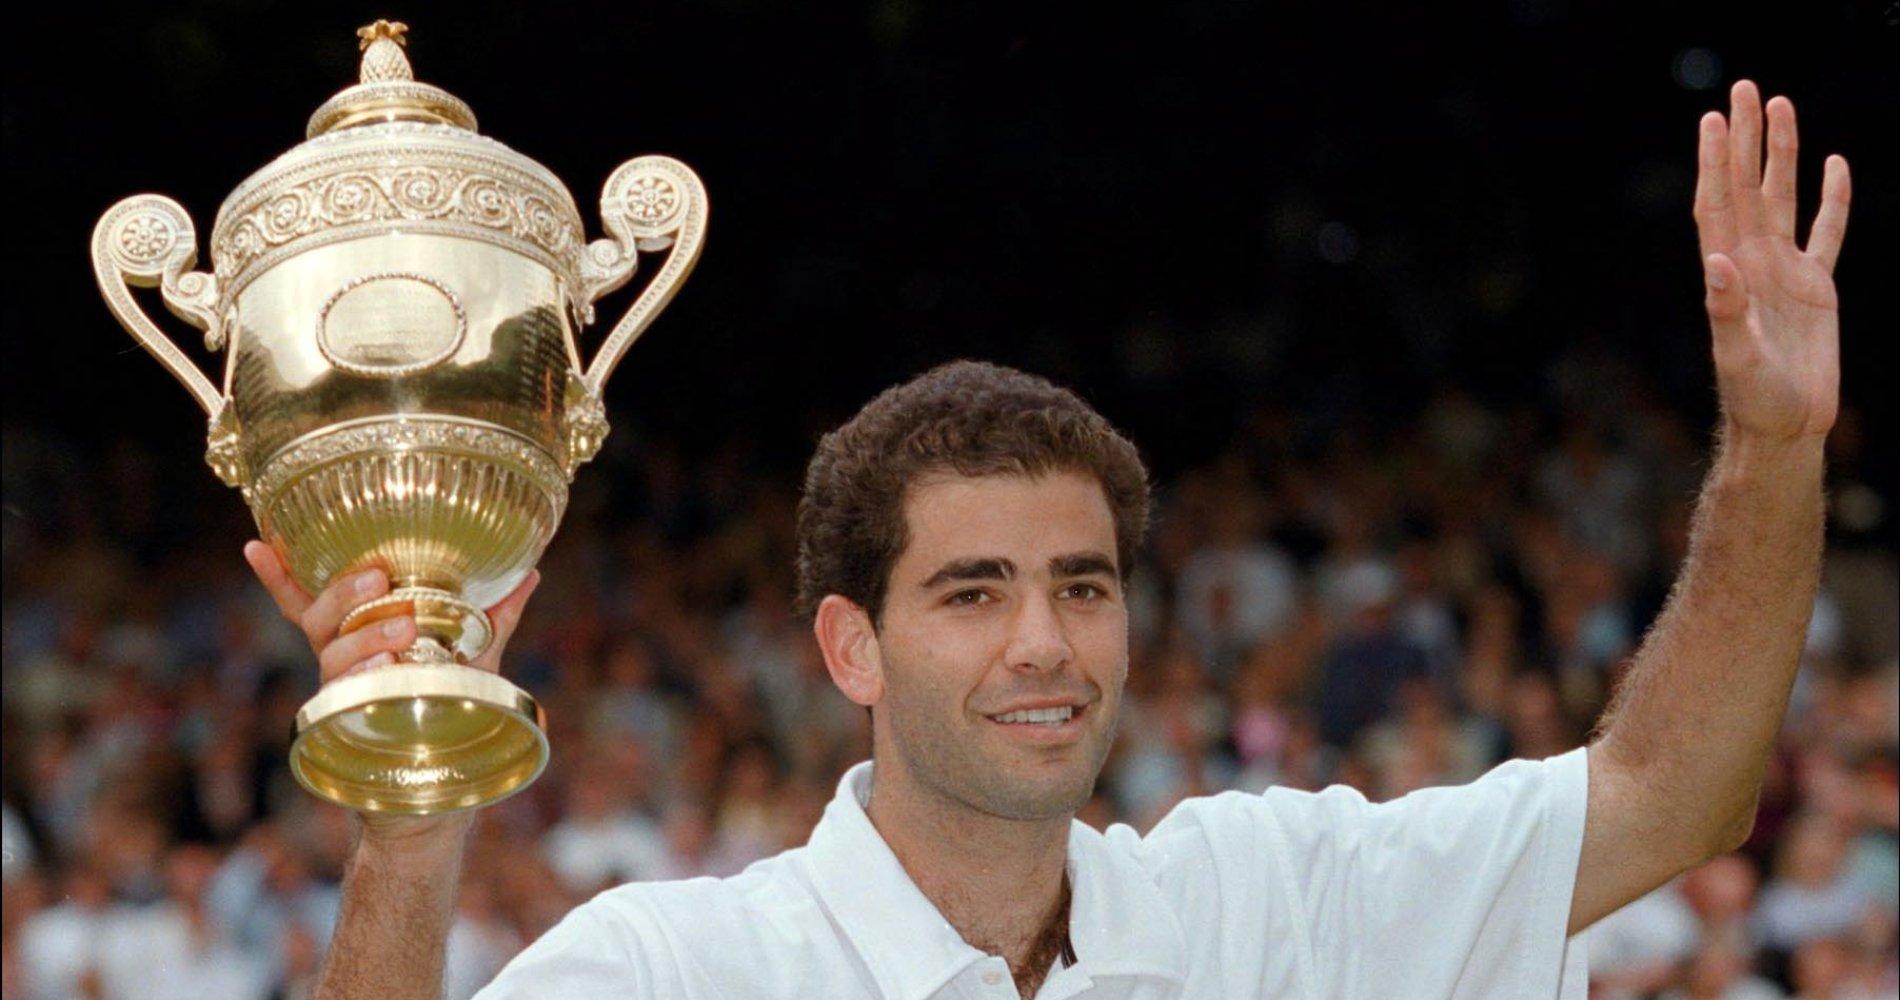 Pete Sampras, 1998 Wimbledon champion